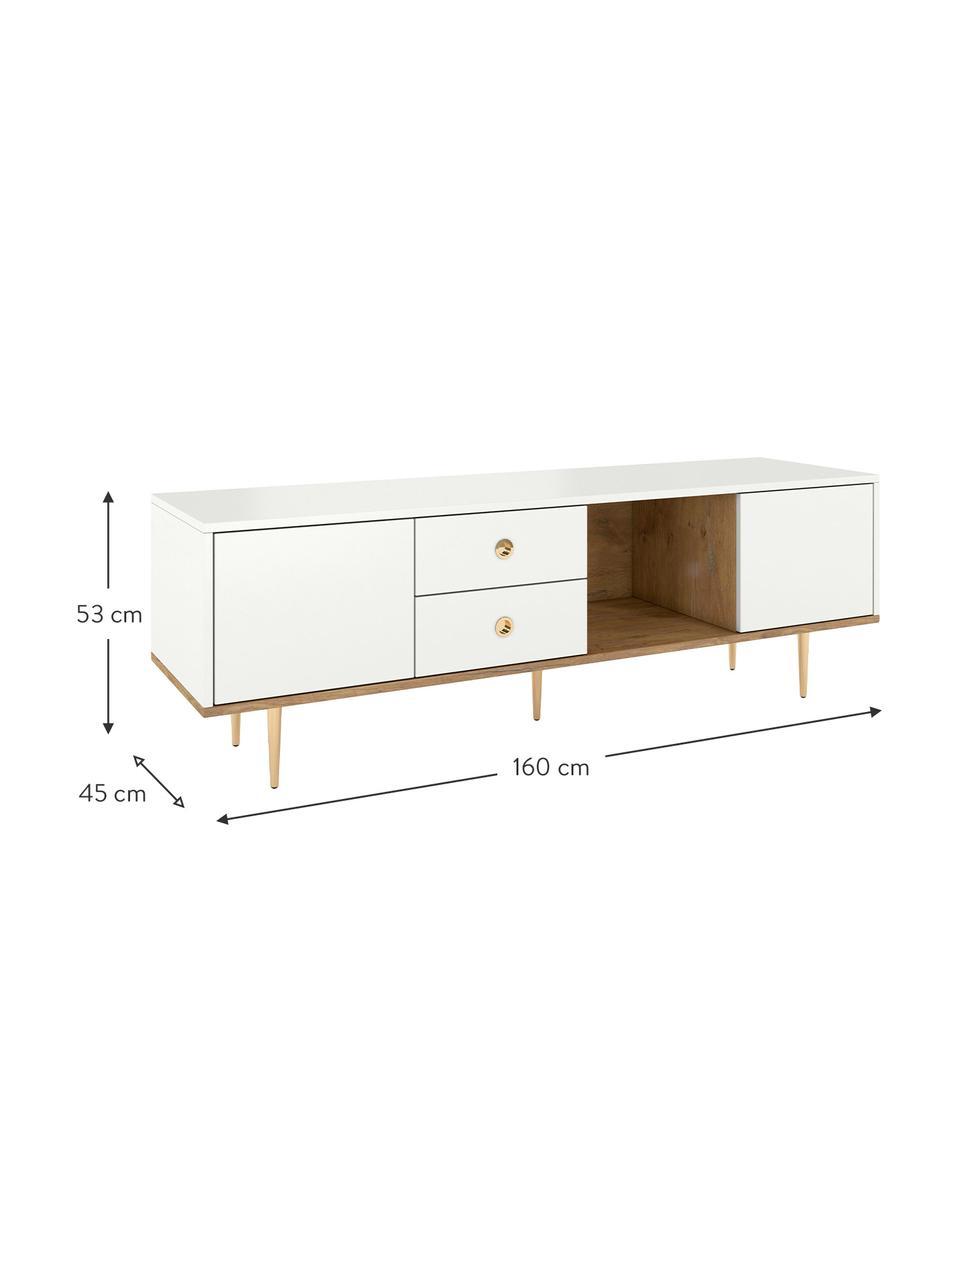 TV-Lowboard Harmoni in Weiß, Korpus: Hochdichte Holzfaserplatt, Weiß, 160 x 53 cm